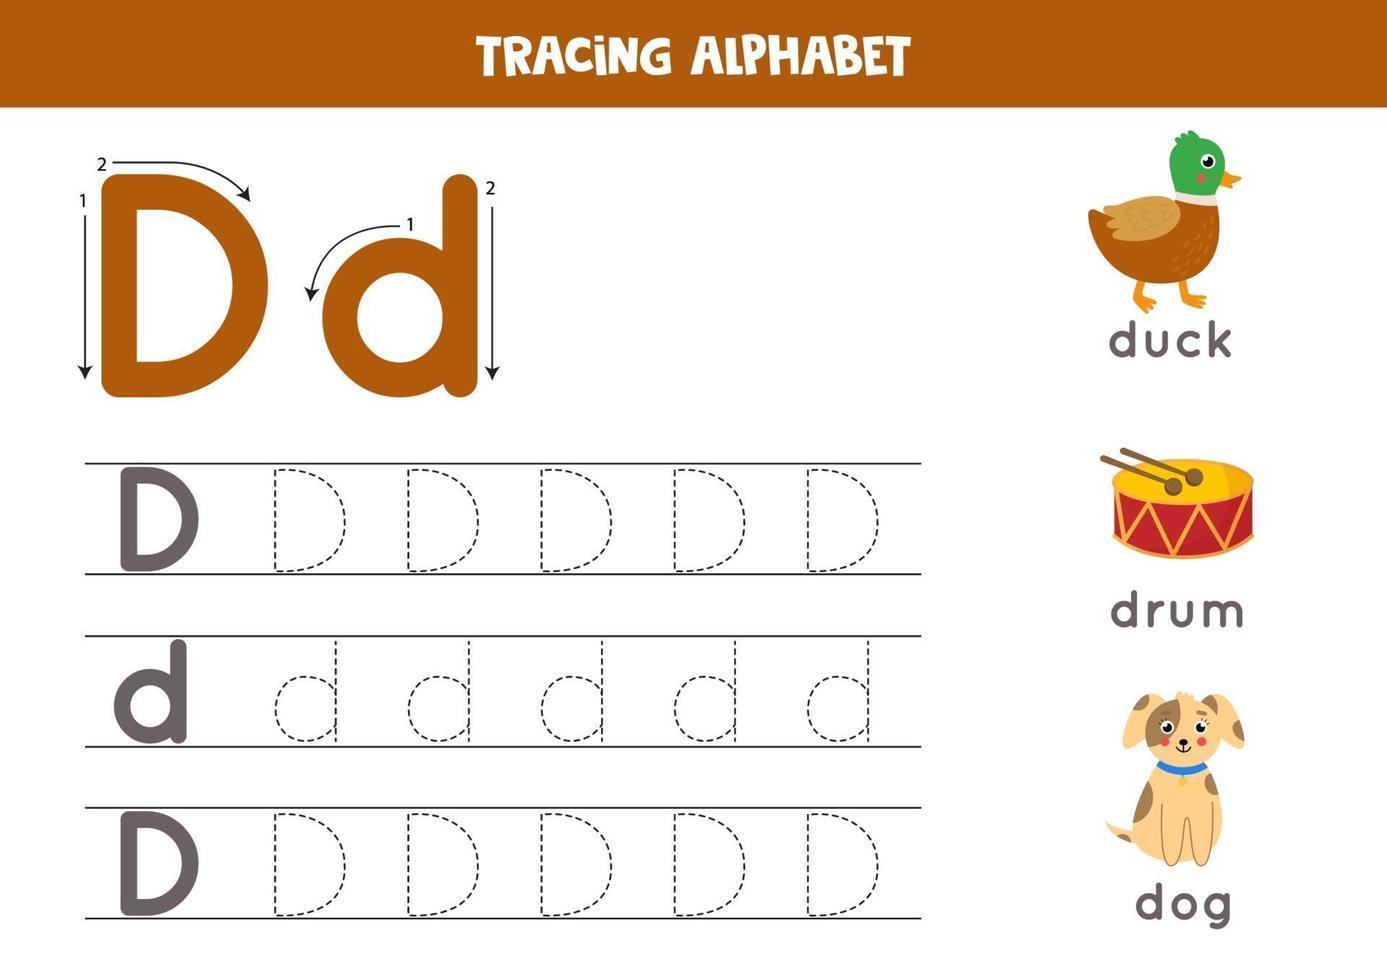 pratica della scrittura a mano con la lettera dell'alfabeto. tracciamento d. vettore